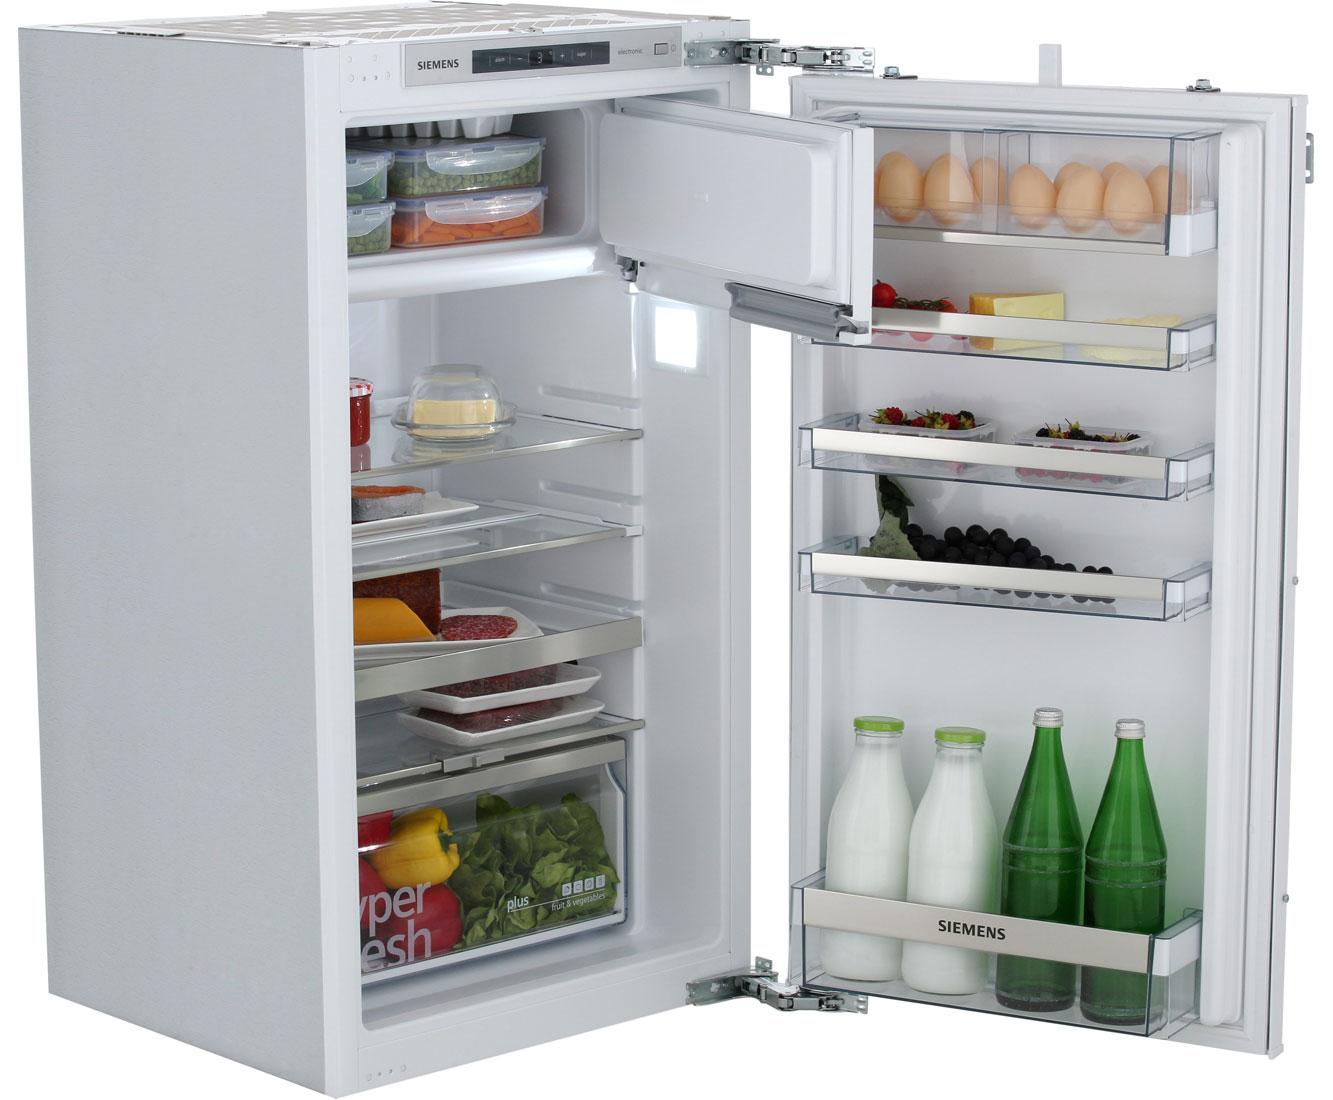 Siemens iQ500 KI32LAD30 Einbau-Kühlschrank mit Gefrierfach - 102er ...